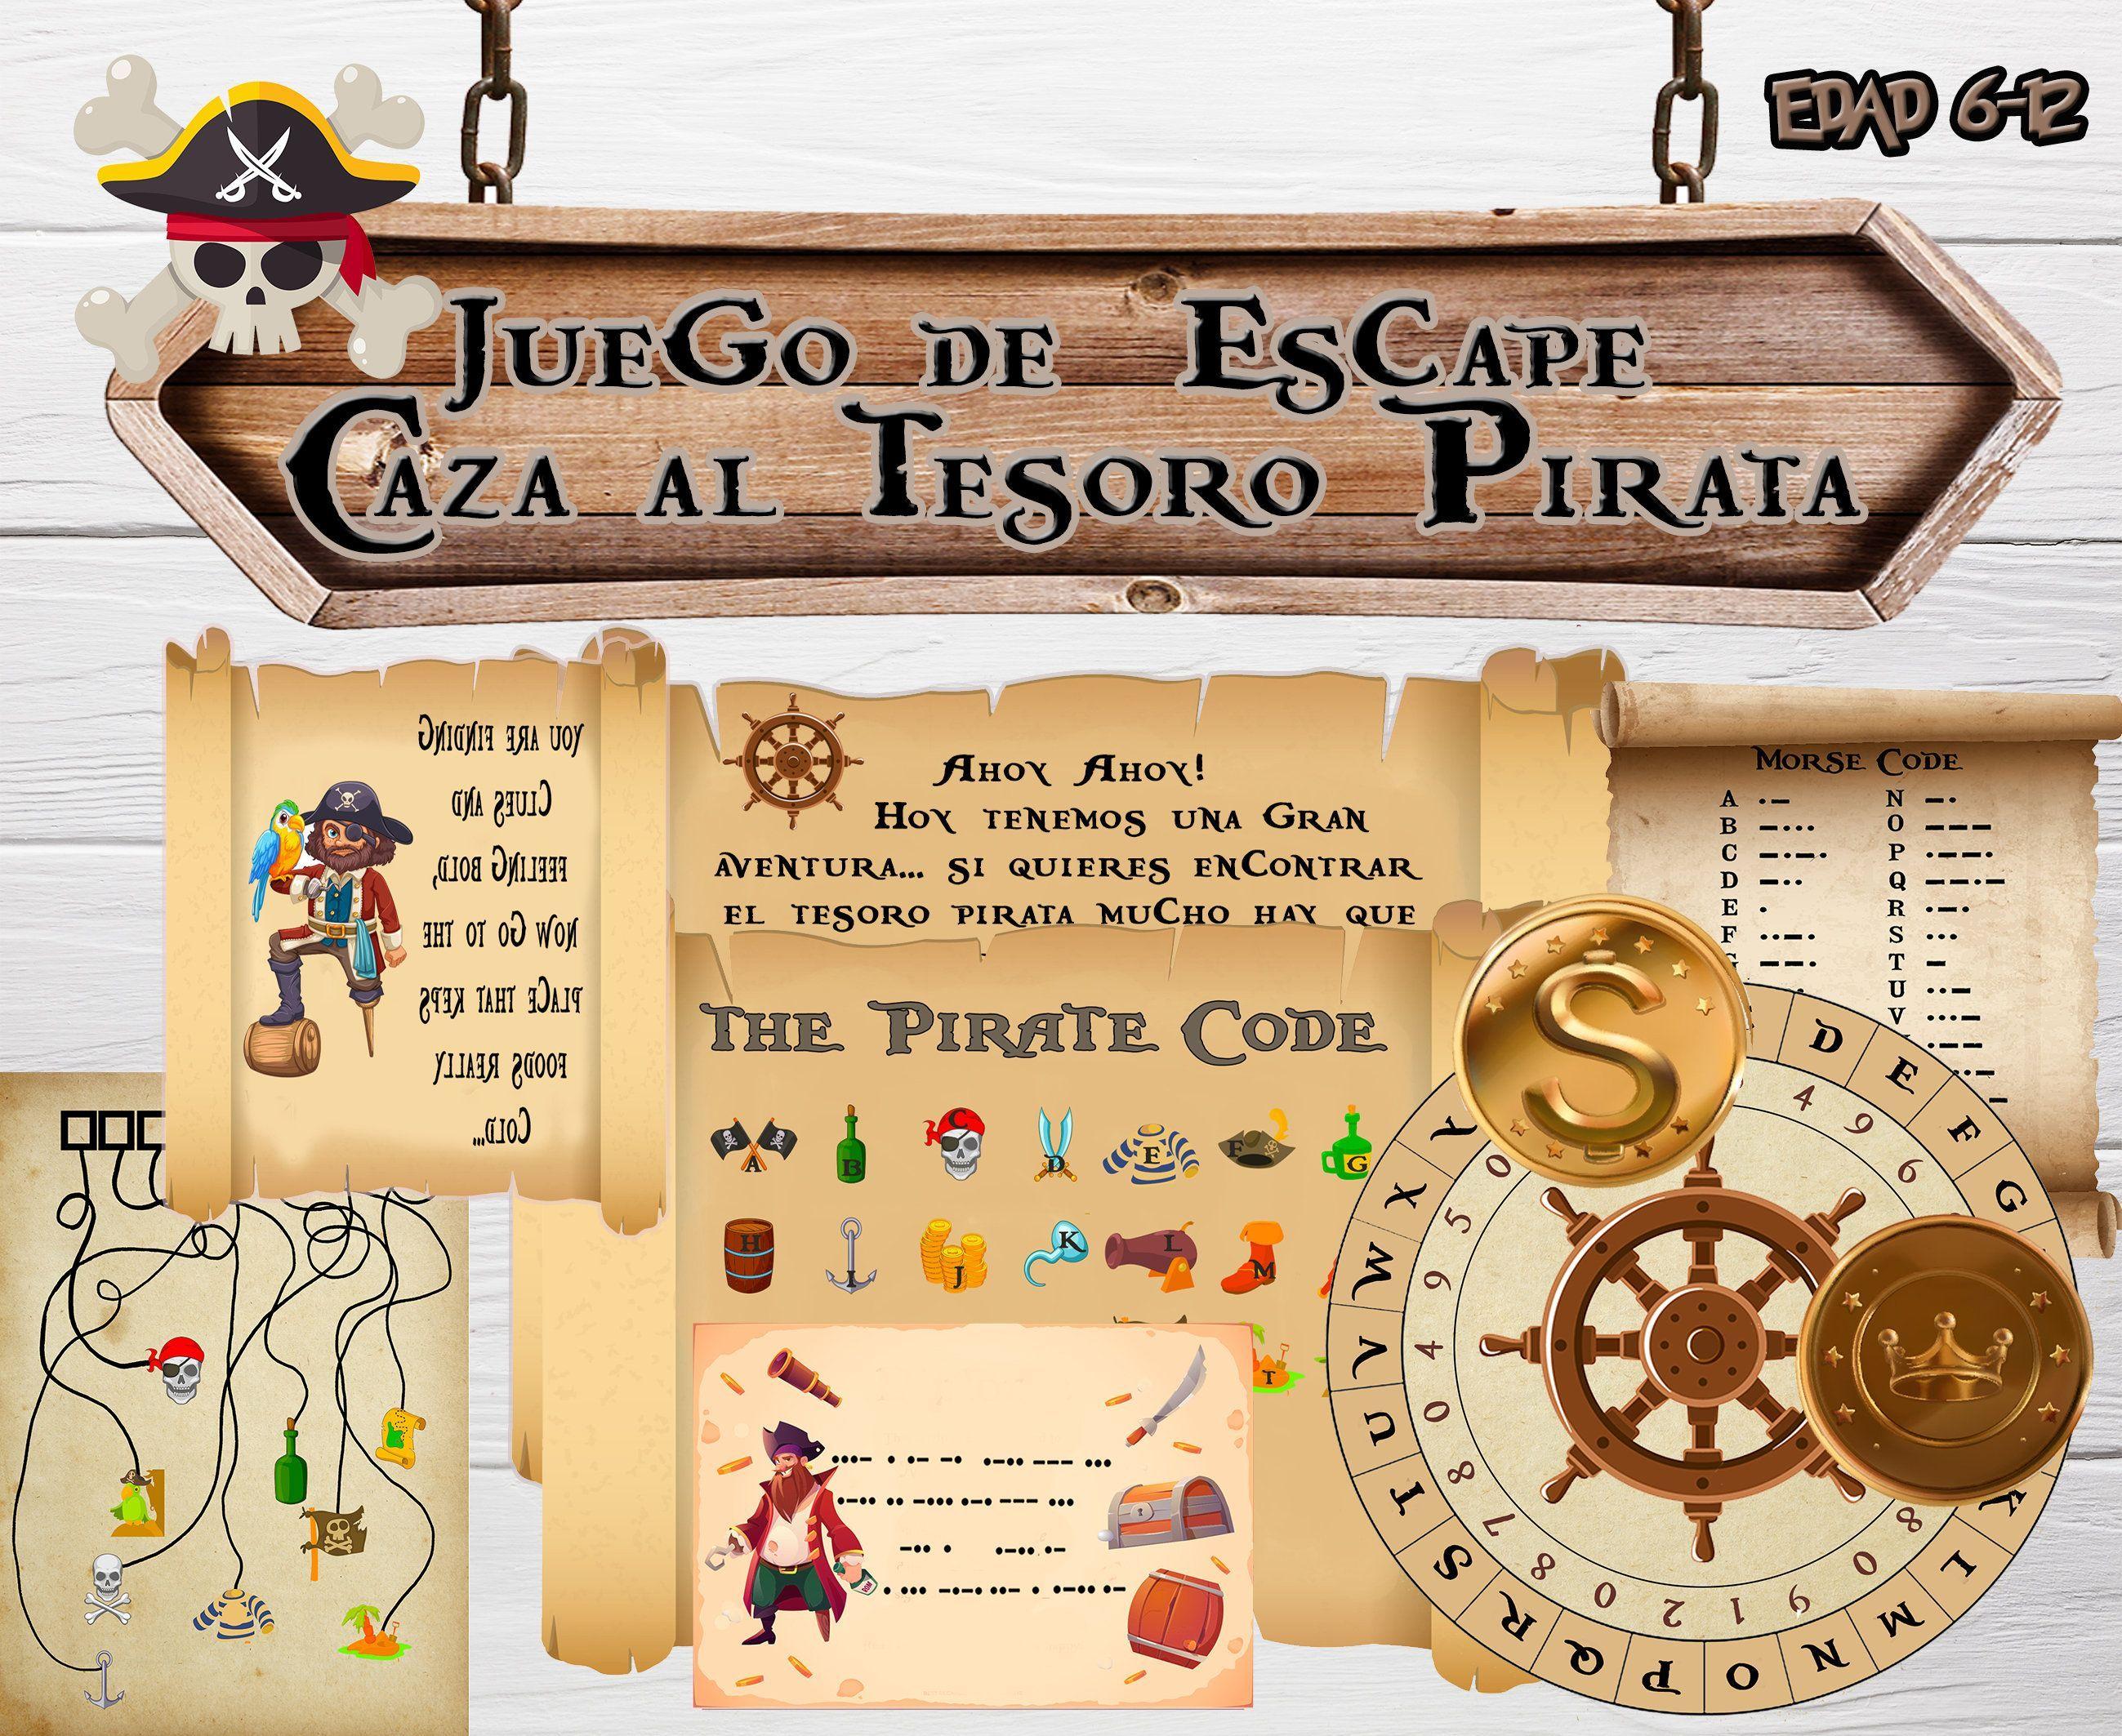 Escape Room Juego Caza Al Tesoro Para Niños Decoración Pirata Juego En Casa Fiesta De Cumpleaños Juegos Y Sombrero Españ Novelty Sign Escape Room Home Decor